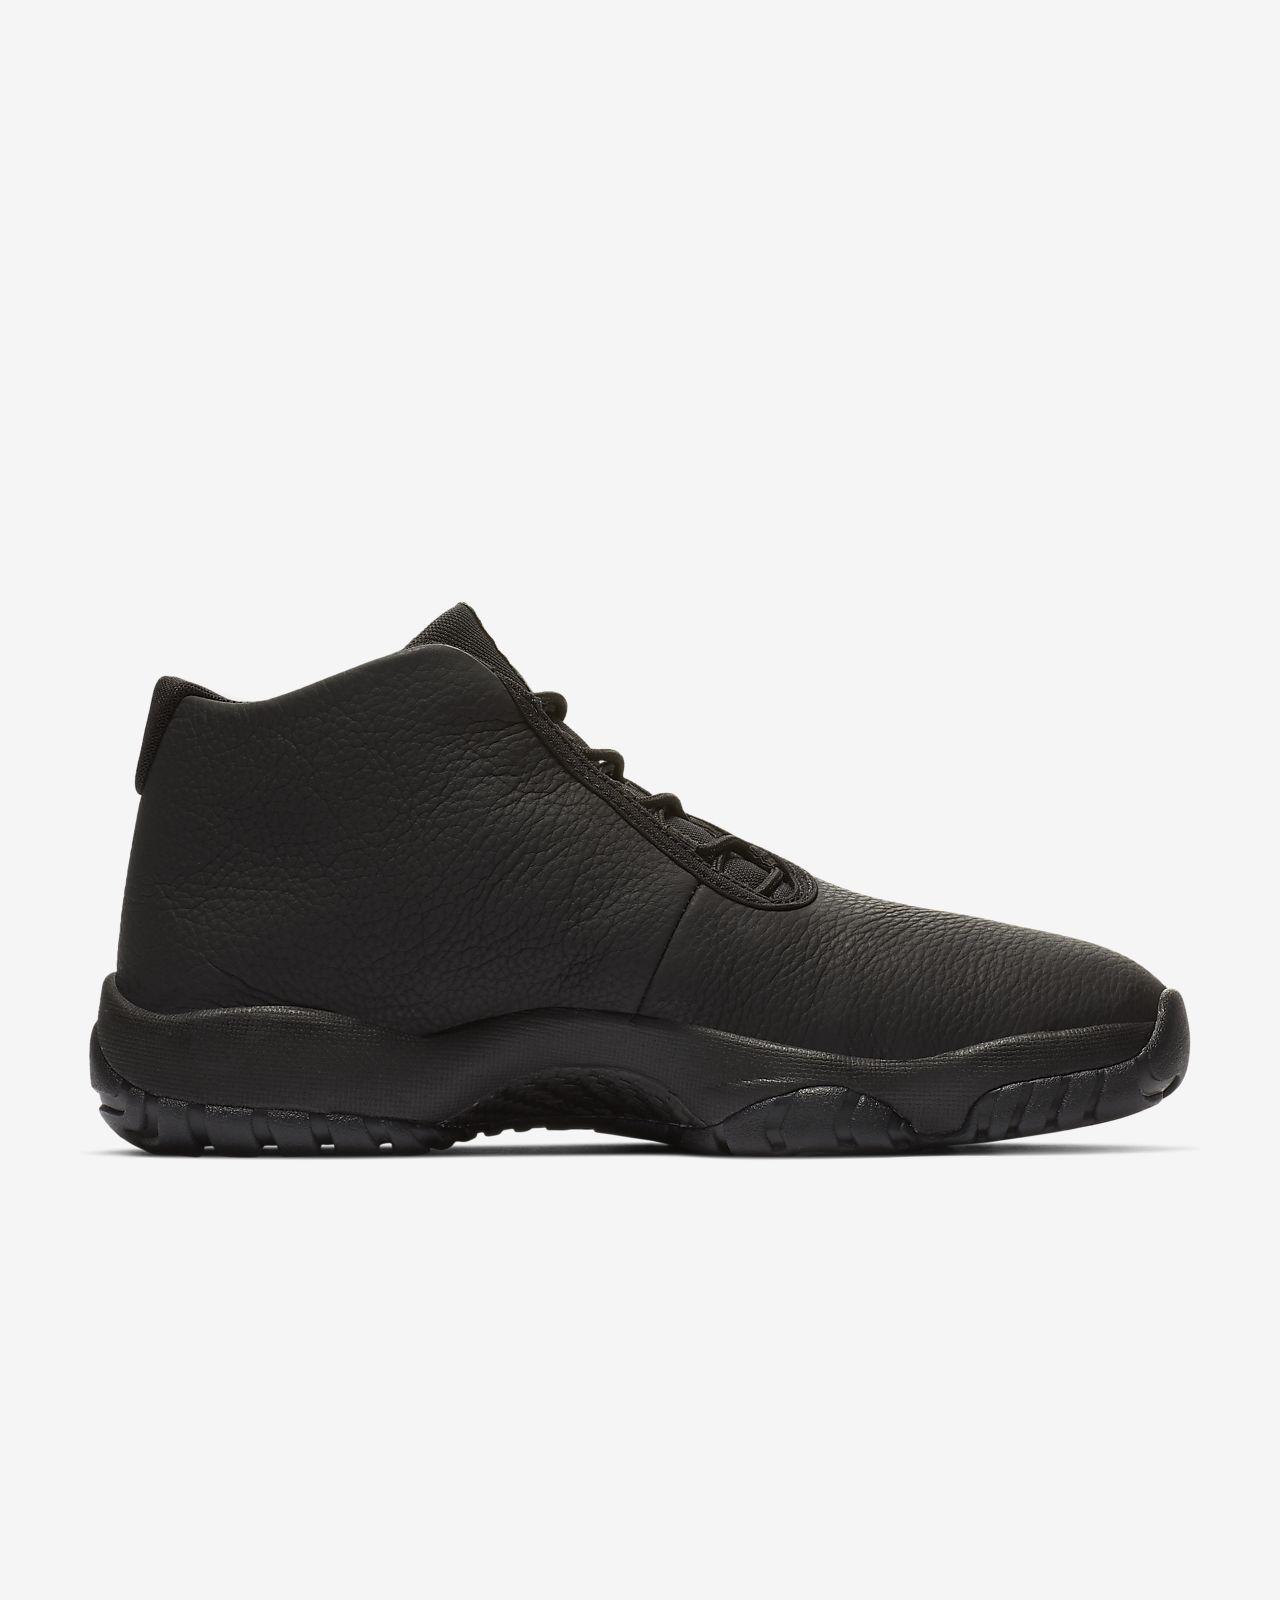 Air Homme Chaussure Jordan Future Pour xoedCB